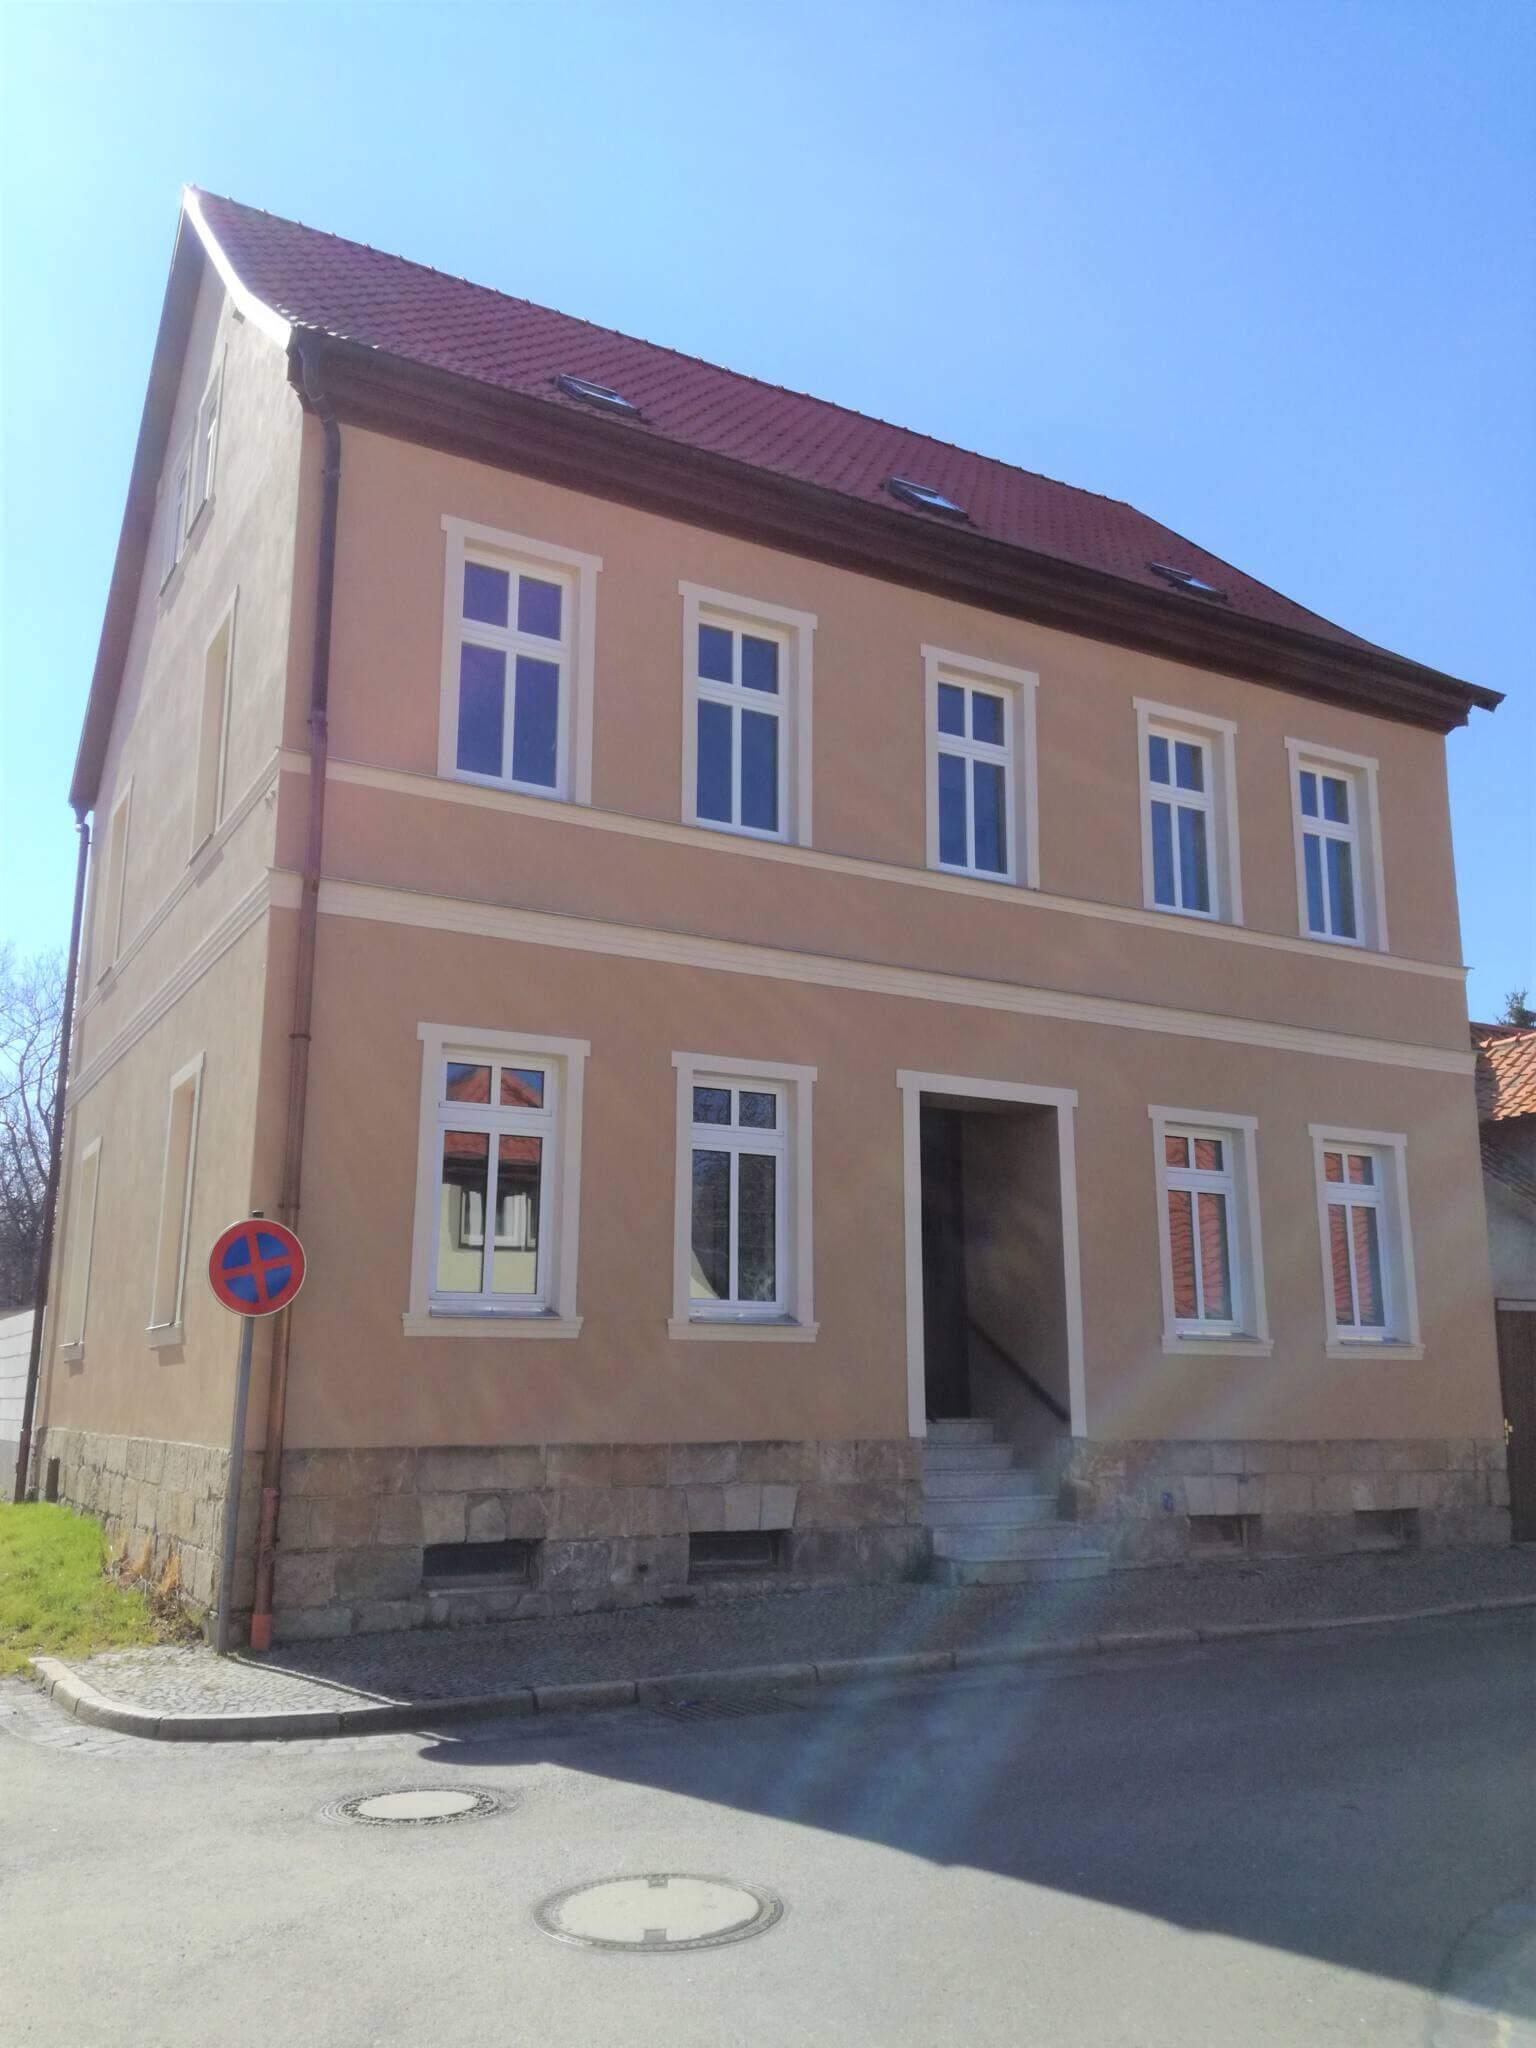 Mehrfamilienhaus Ballenstedt Außenansicht